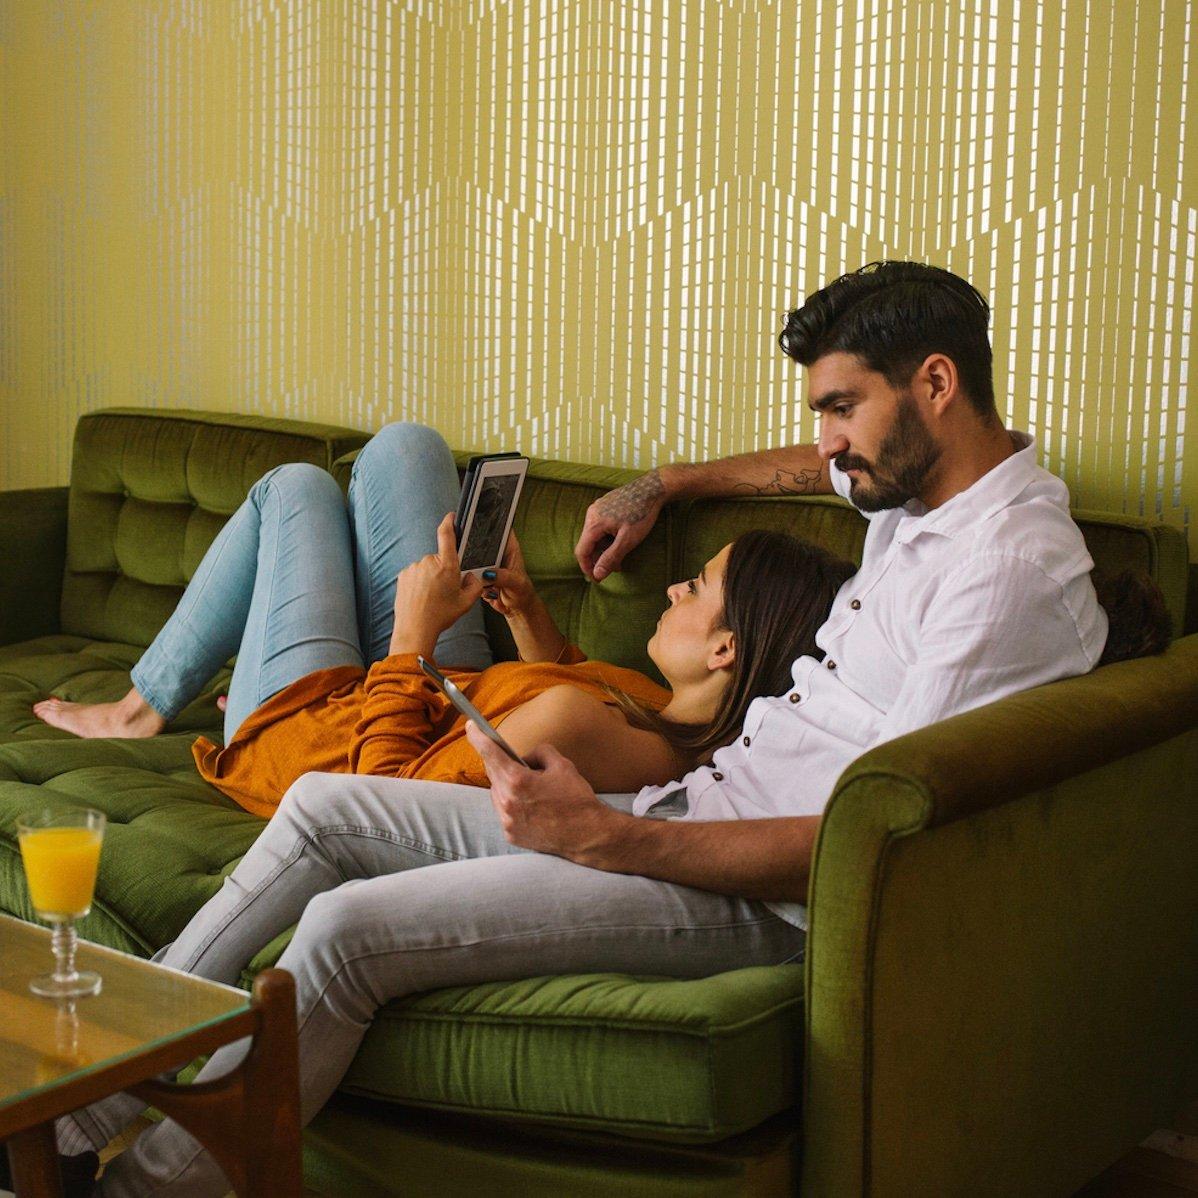 زن و شوهر کتاب می خوانند